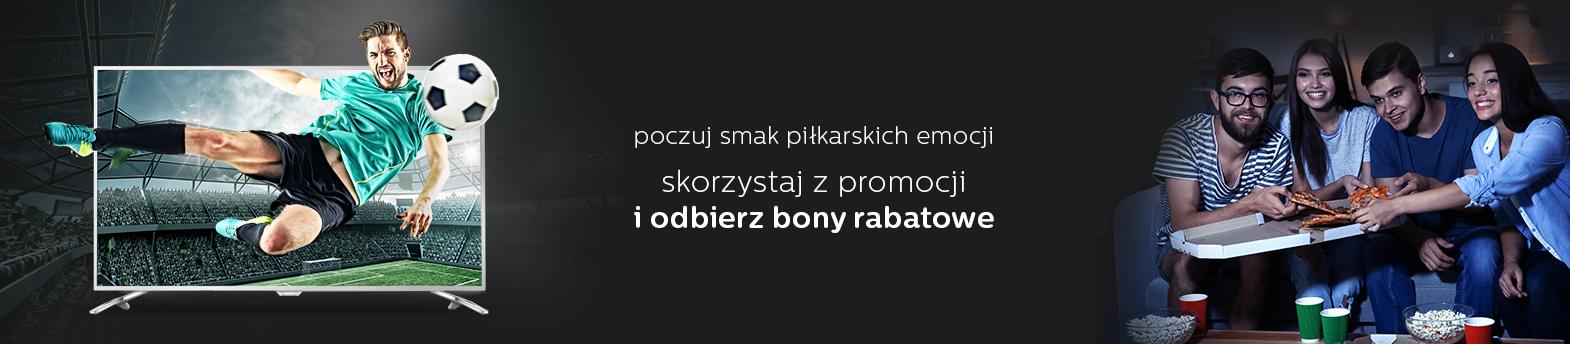 promocja-mistrzostwa2018